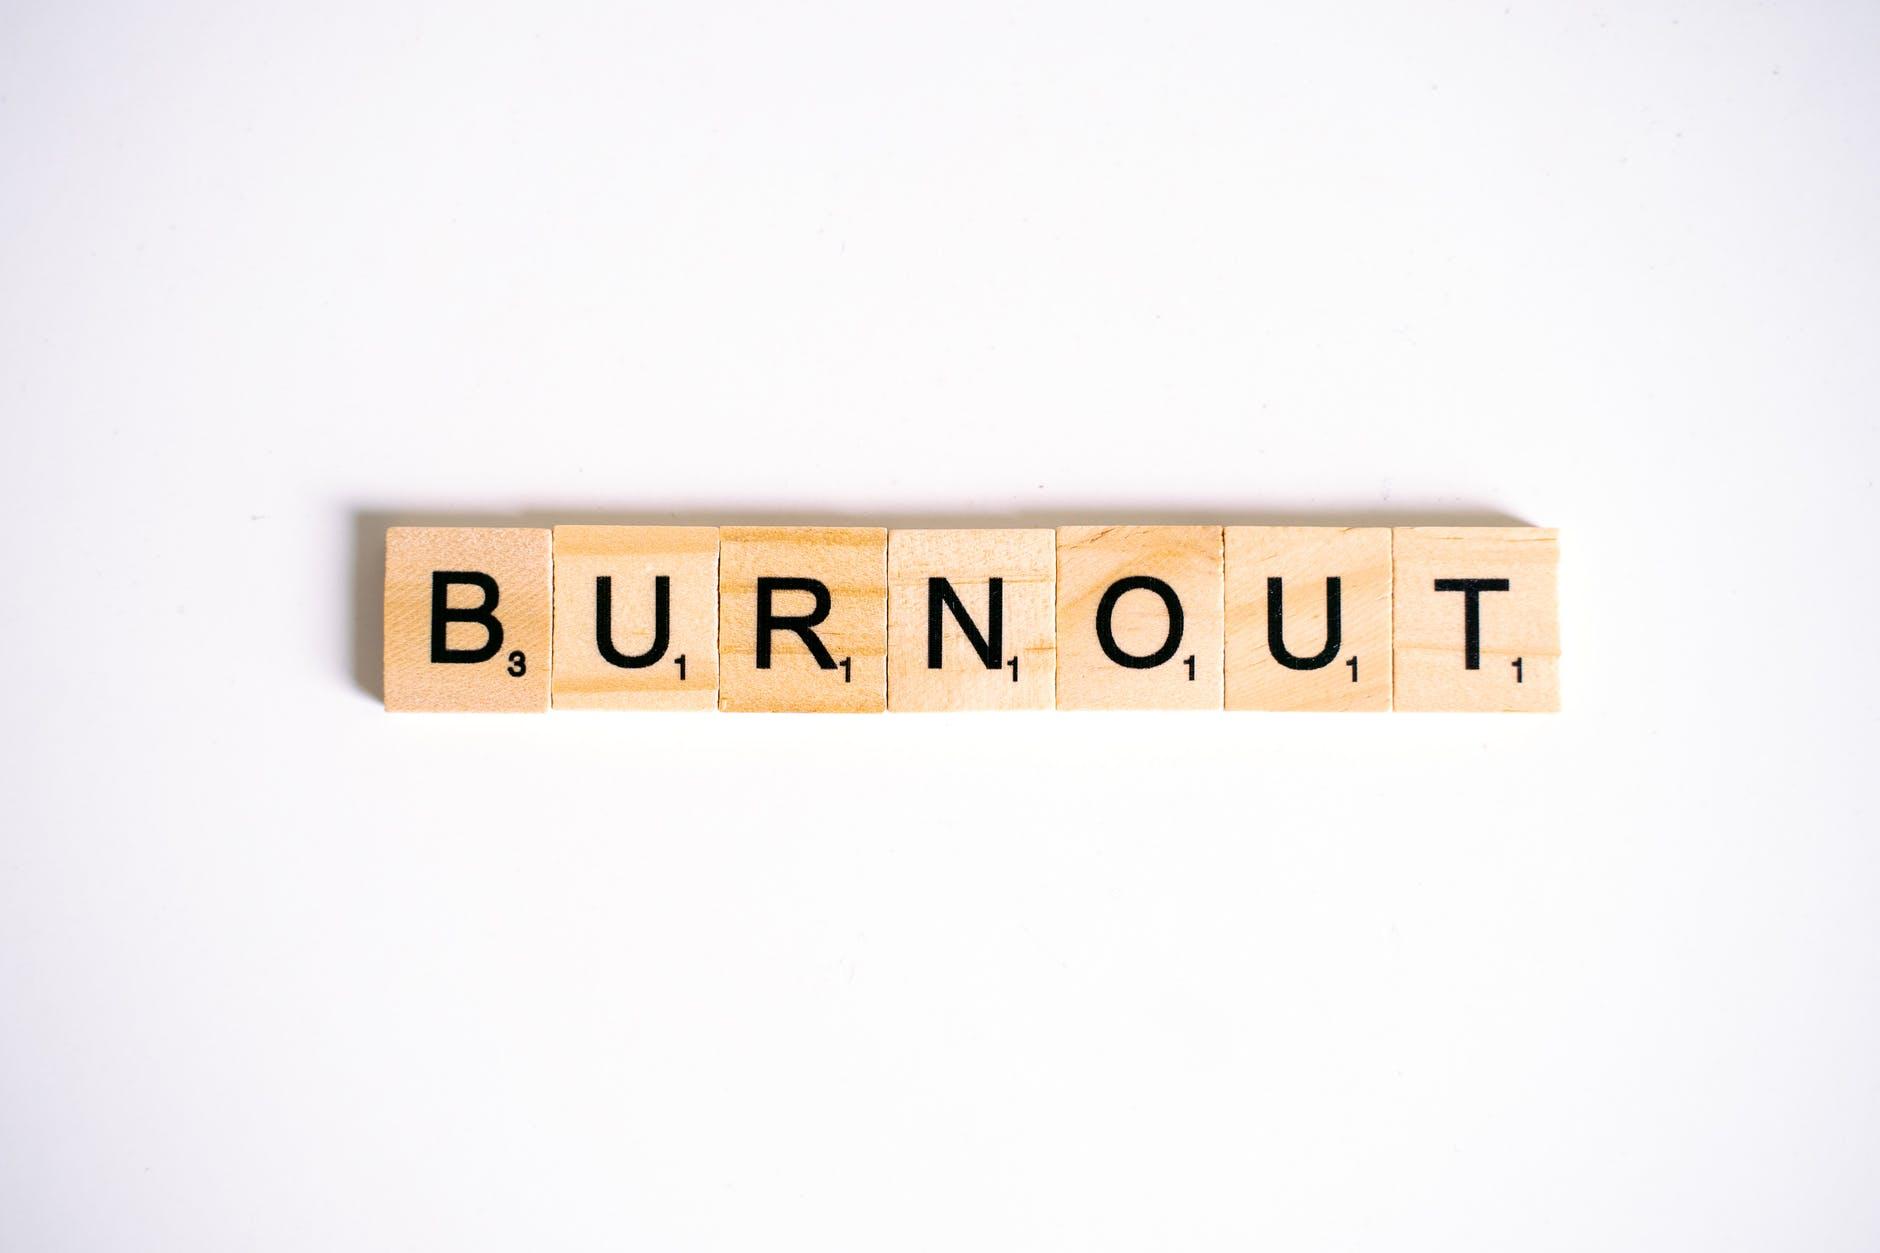 burnout adalah keadaan